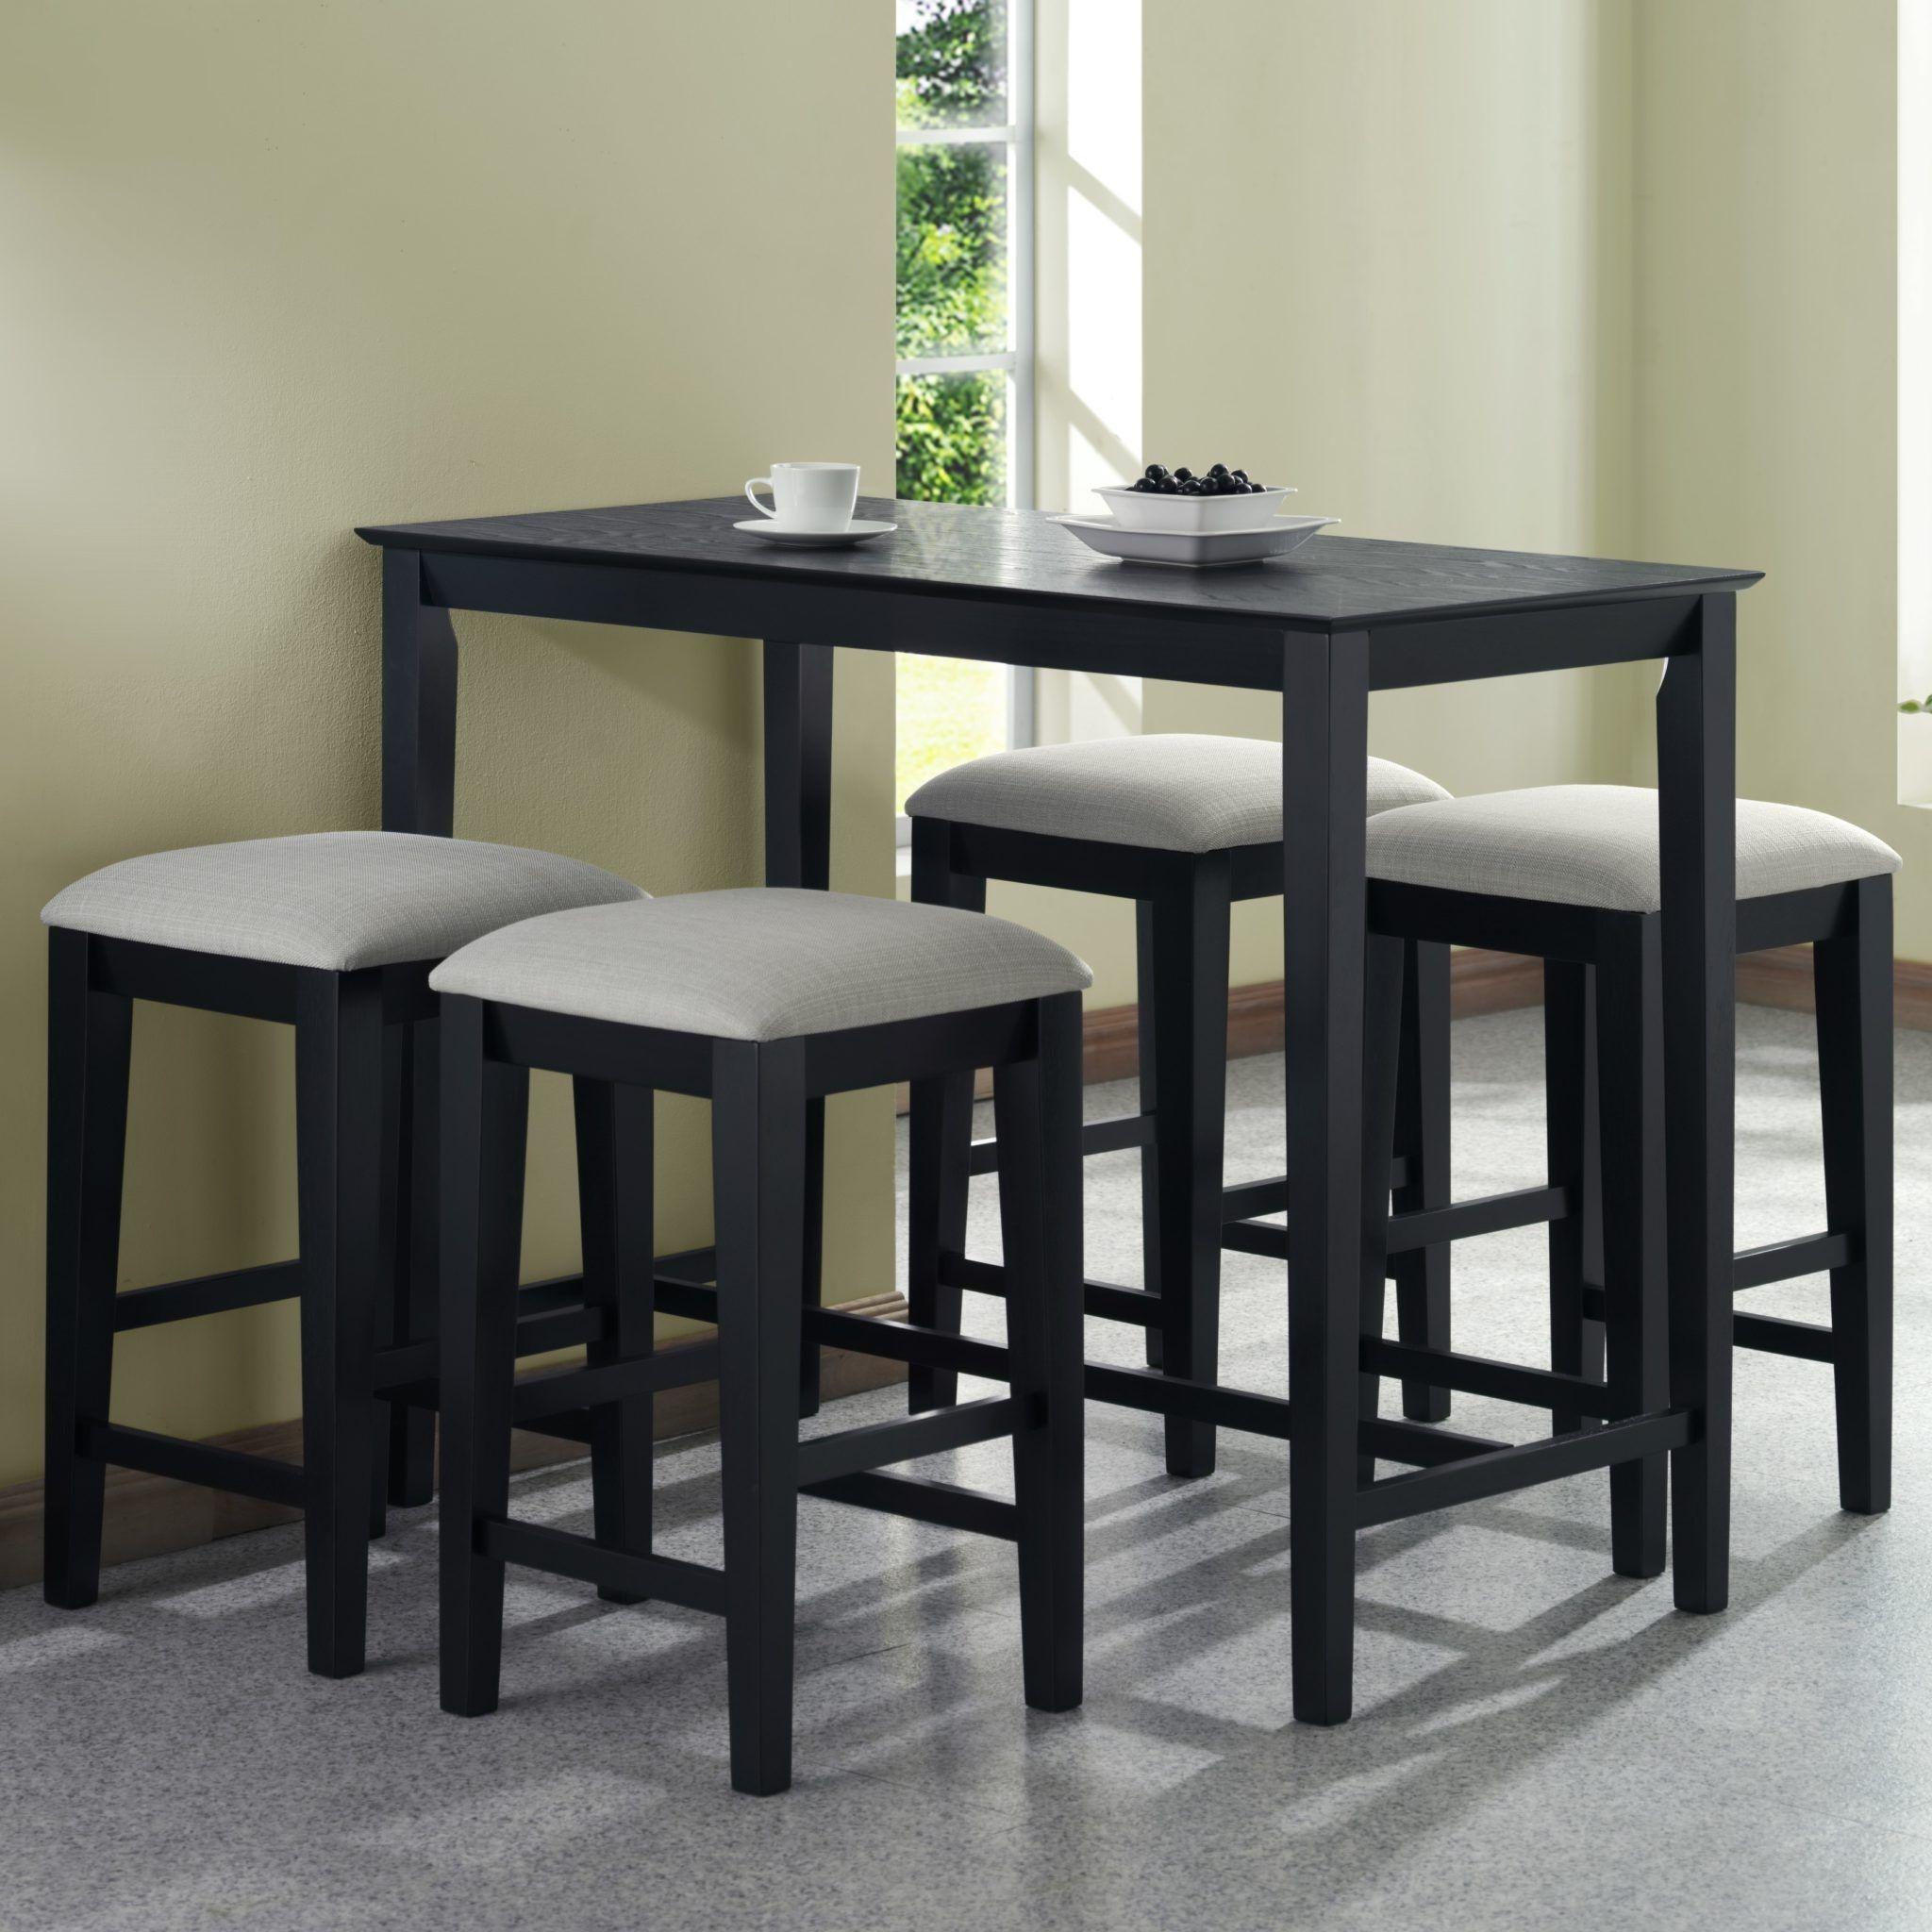 Zähler Höhe Küchentisch Küche tisch, Esstisch